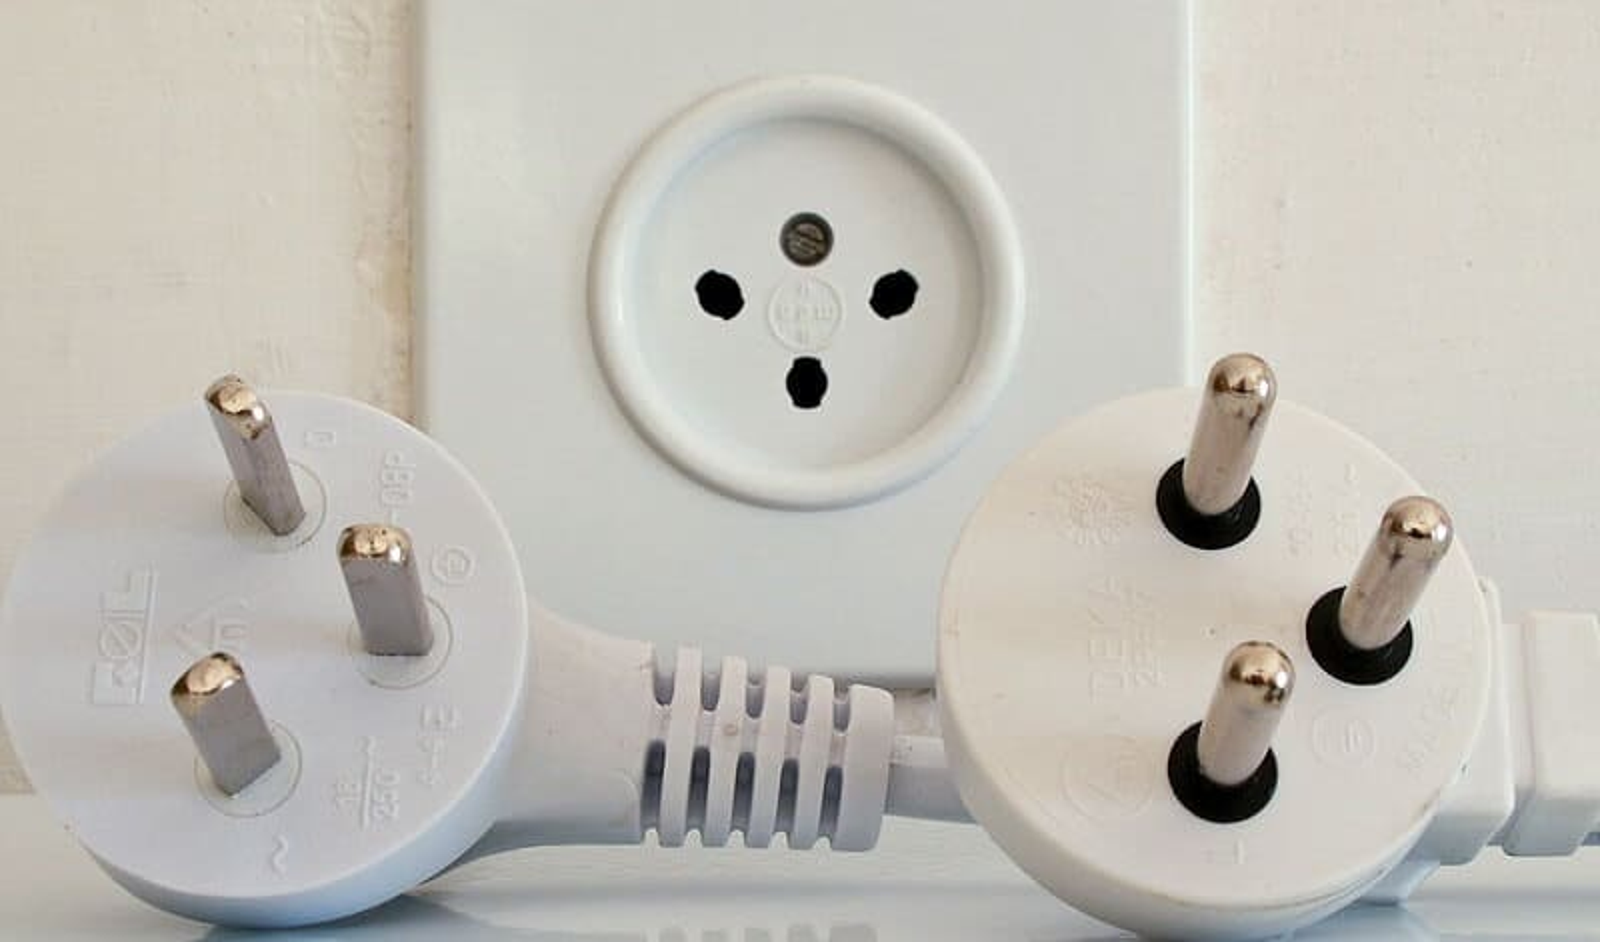 Prise électrique à l'étranger